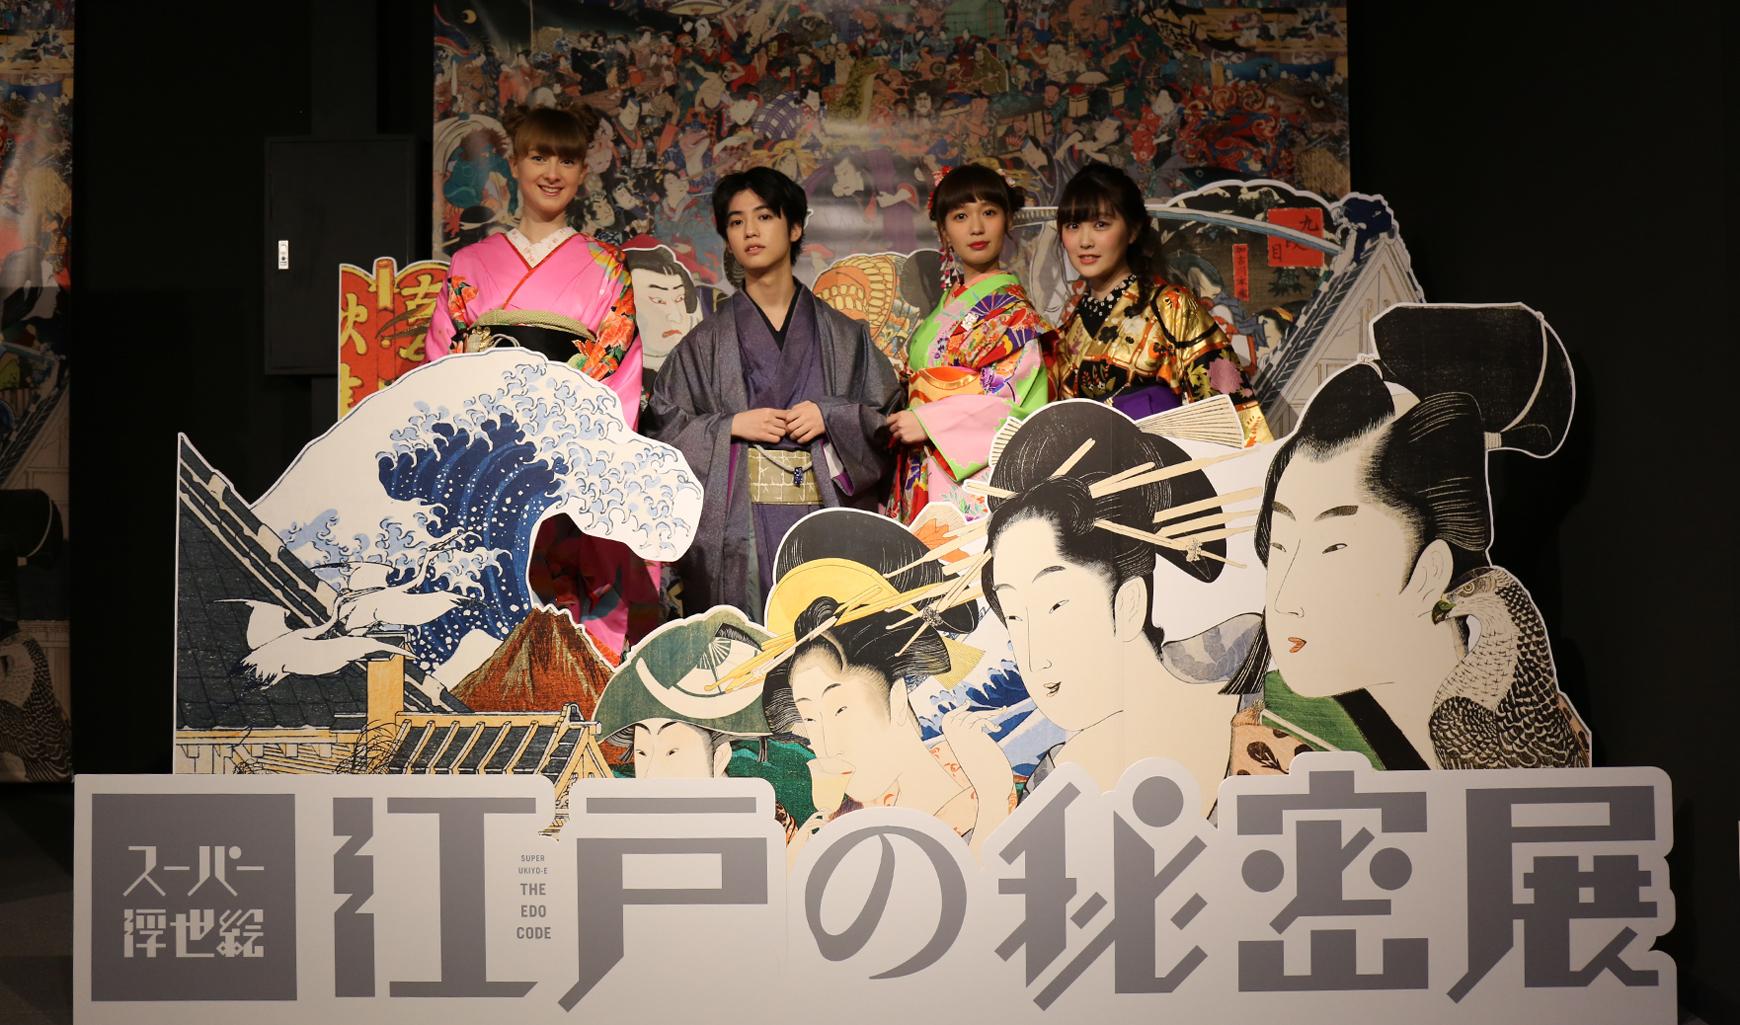 「スーパー浮世絵 江戸の秘密展」開催! スーパー浮世絵フレンズが魅力を紹介